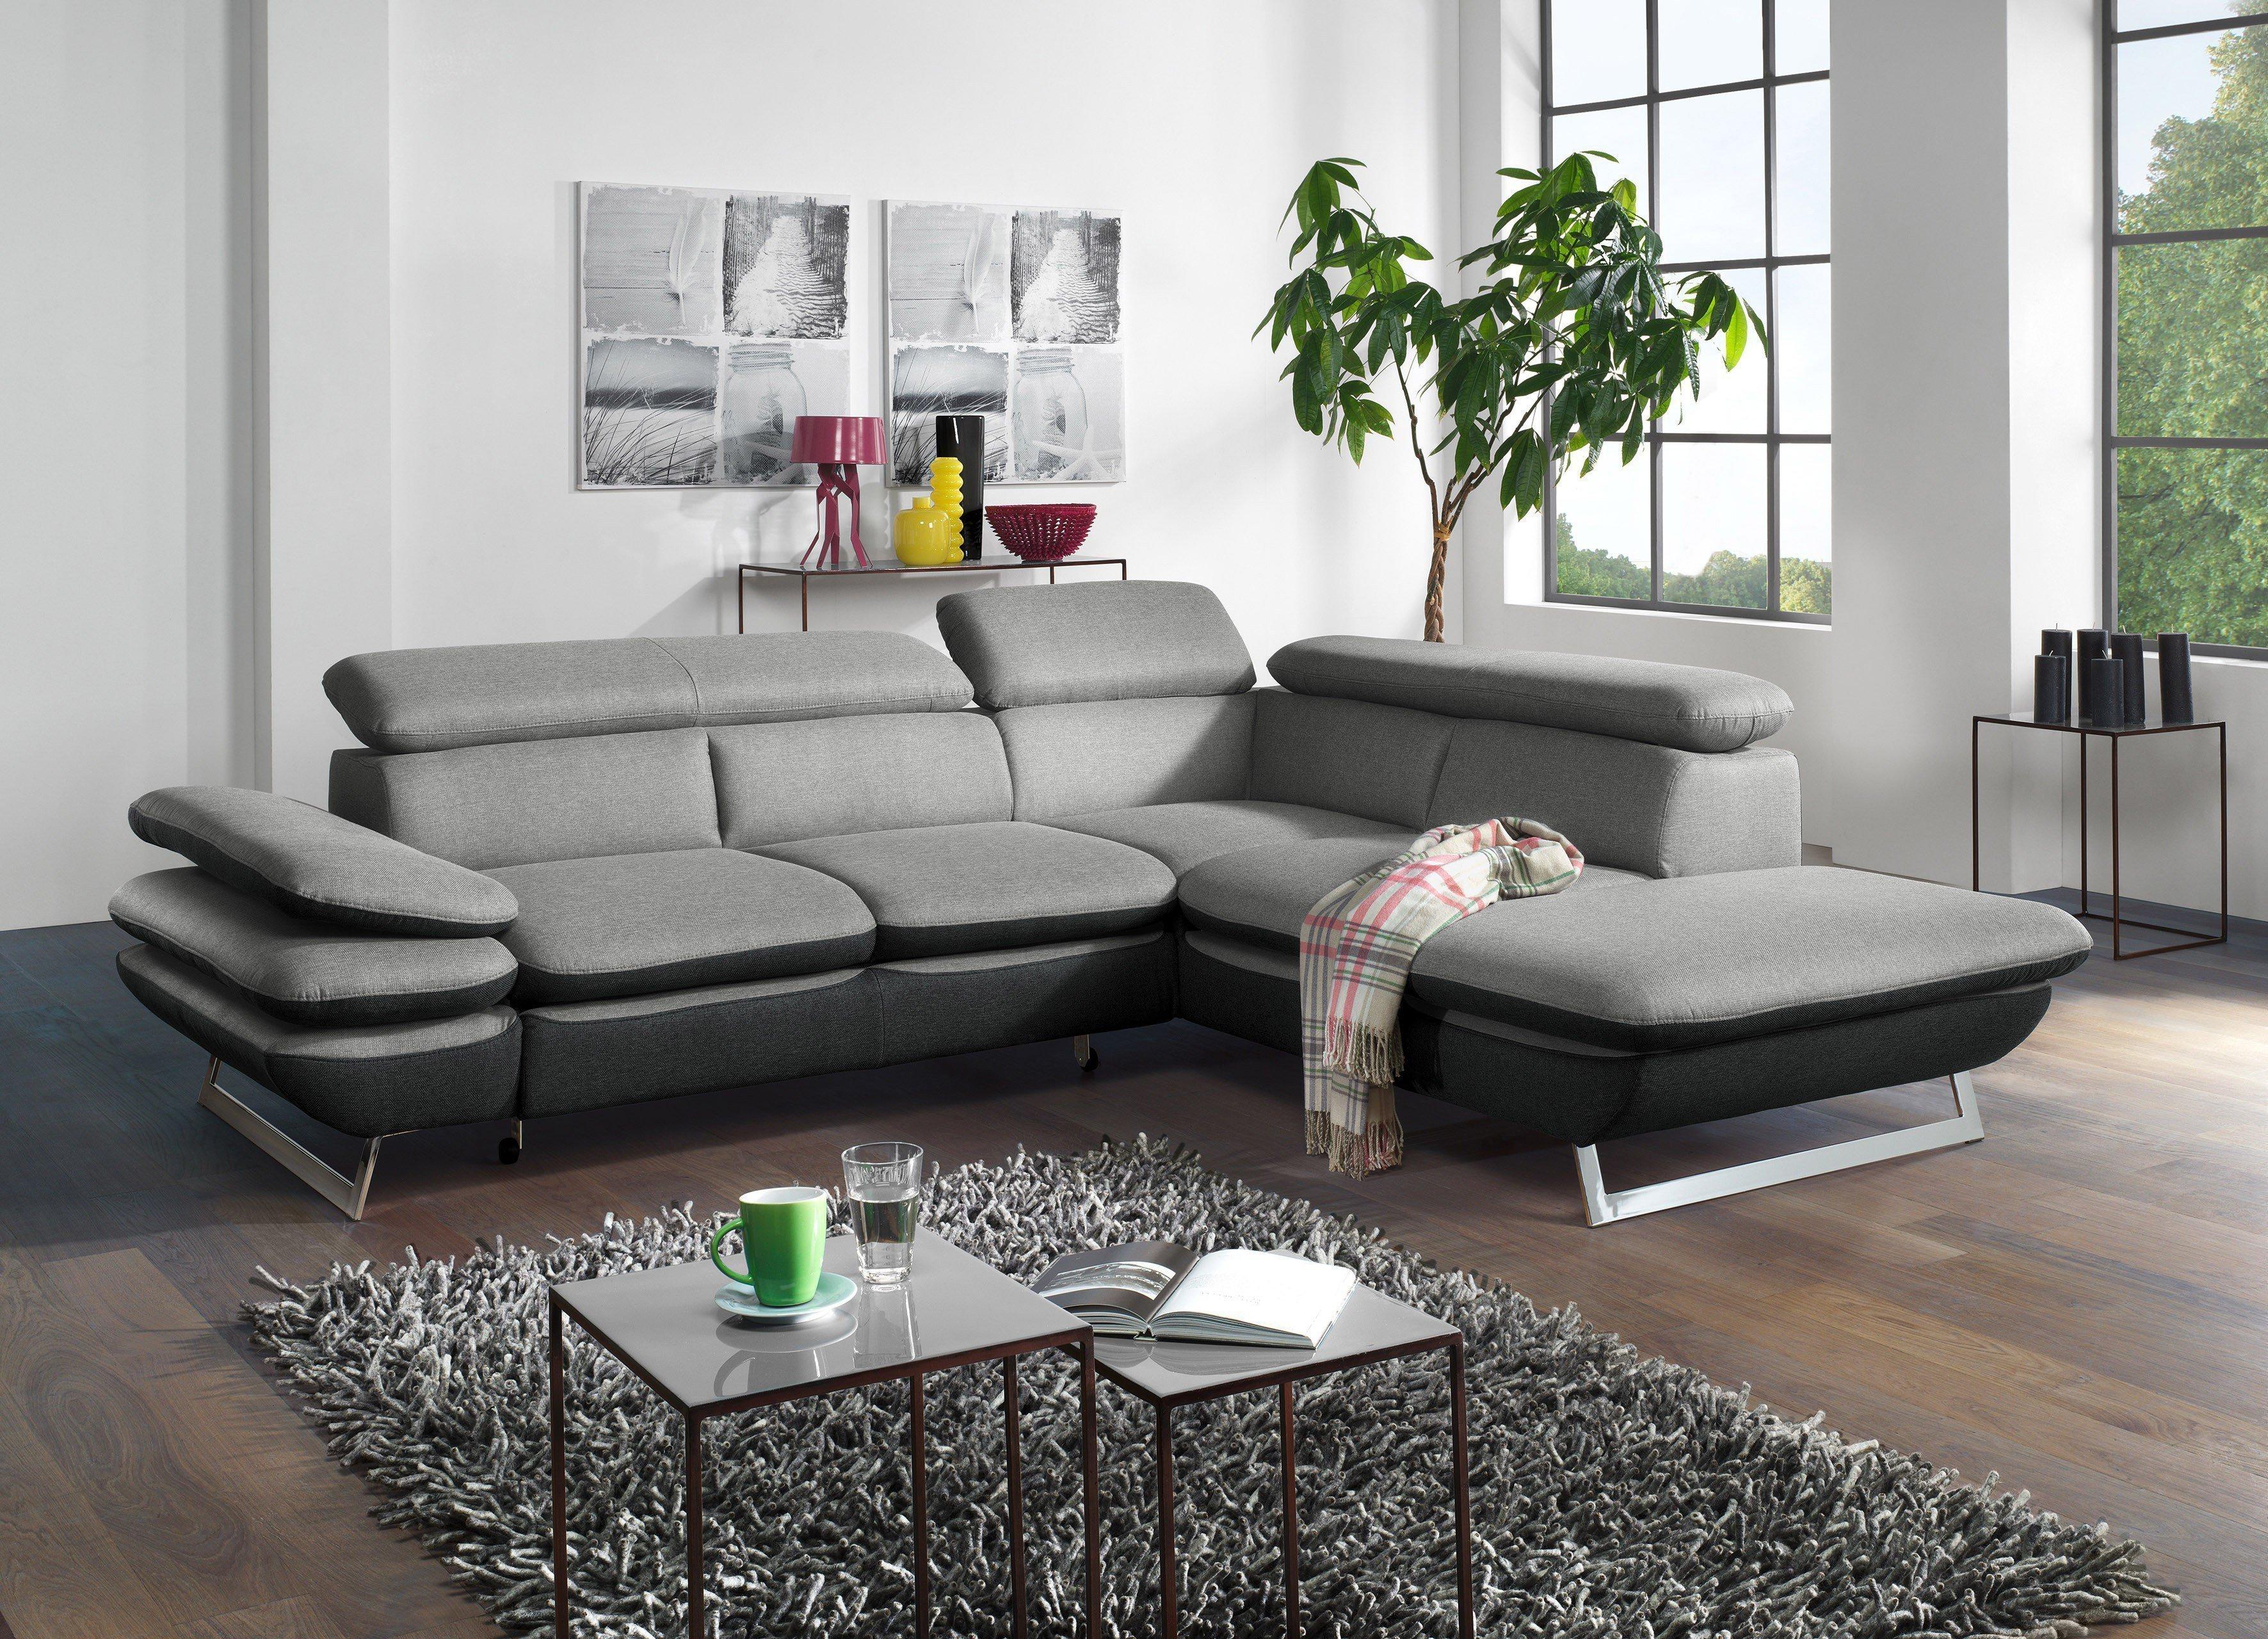 cotta prestige ecksofa in grau schwarz m bel letz ihr online shop. Black Bedroom Furniture Sets. Home Design Ideas